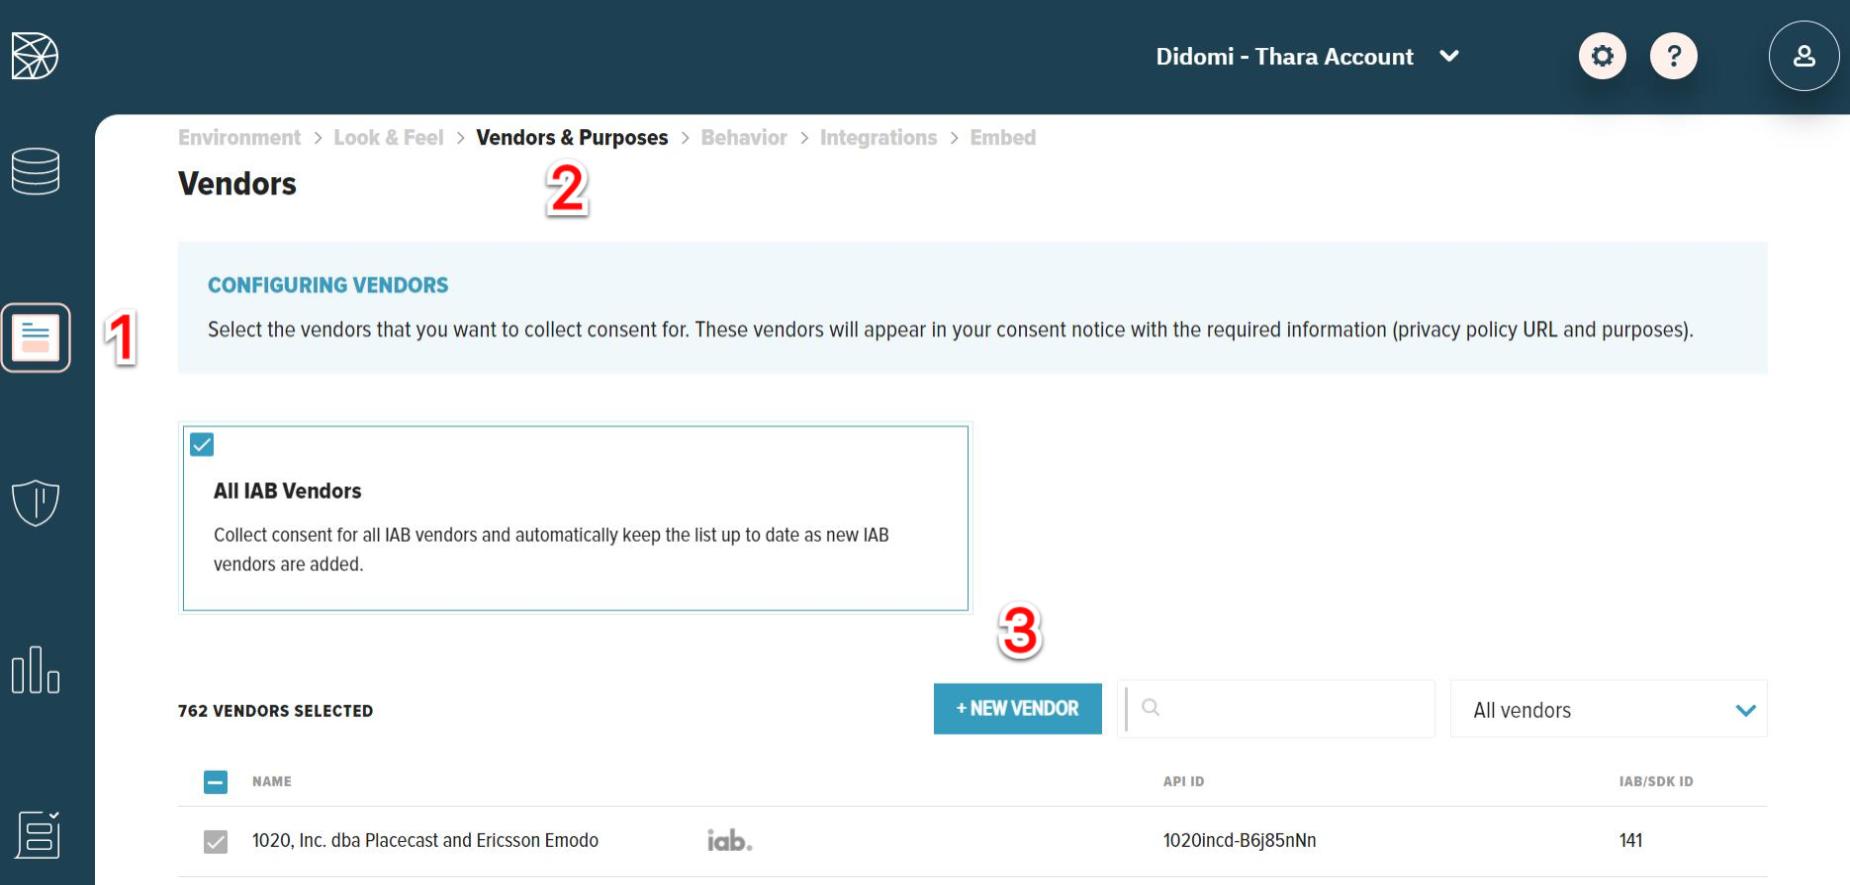 Didomi Compliance Console et 9 pages de plus - Personnel – Microsoft_ Edge 2021-06-22 at 6.24.51 PM